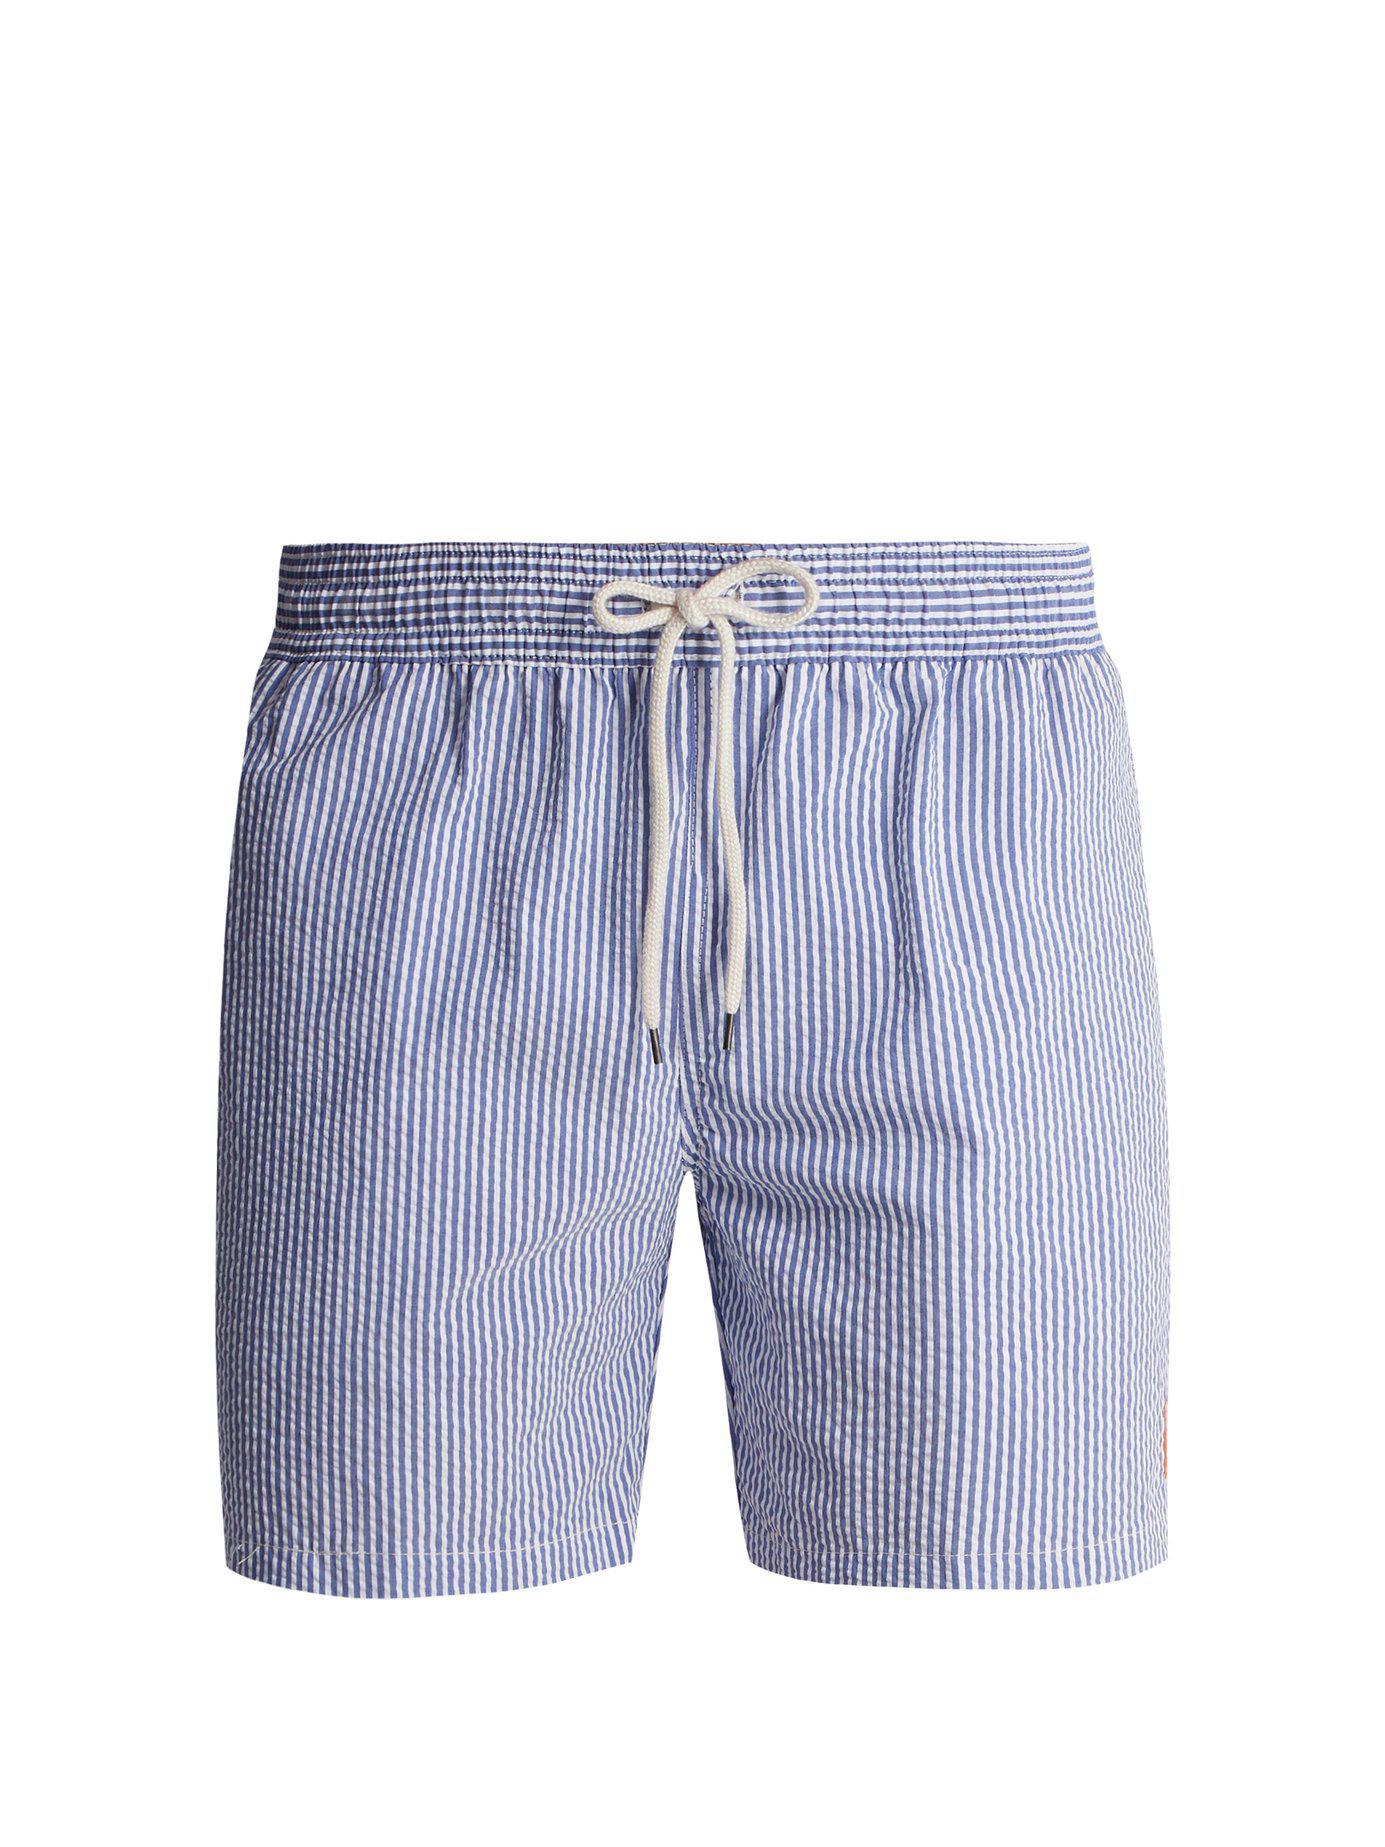 95c3daeff1 Polo Ralph Lauren Striped Cotton-blend Seersucker Swim Shorts in ...